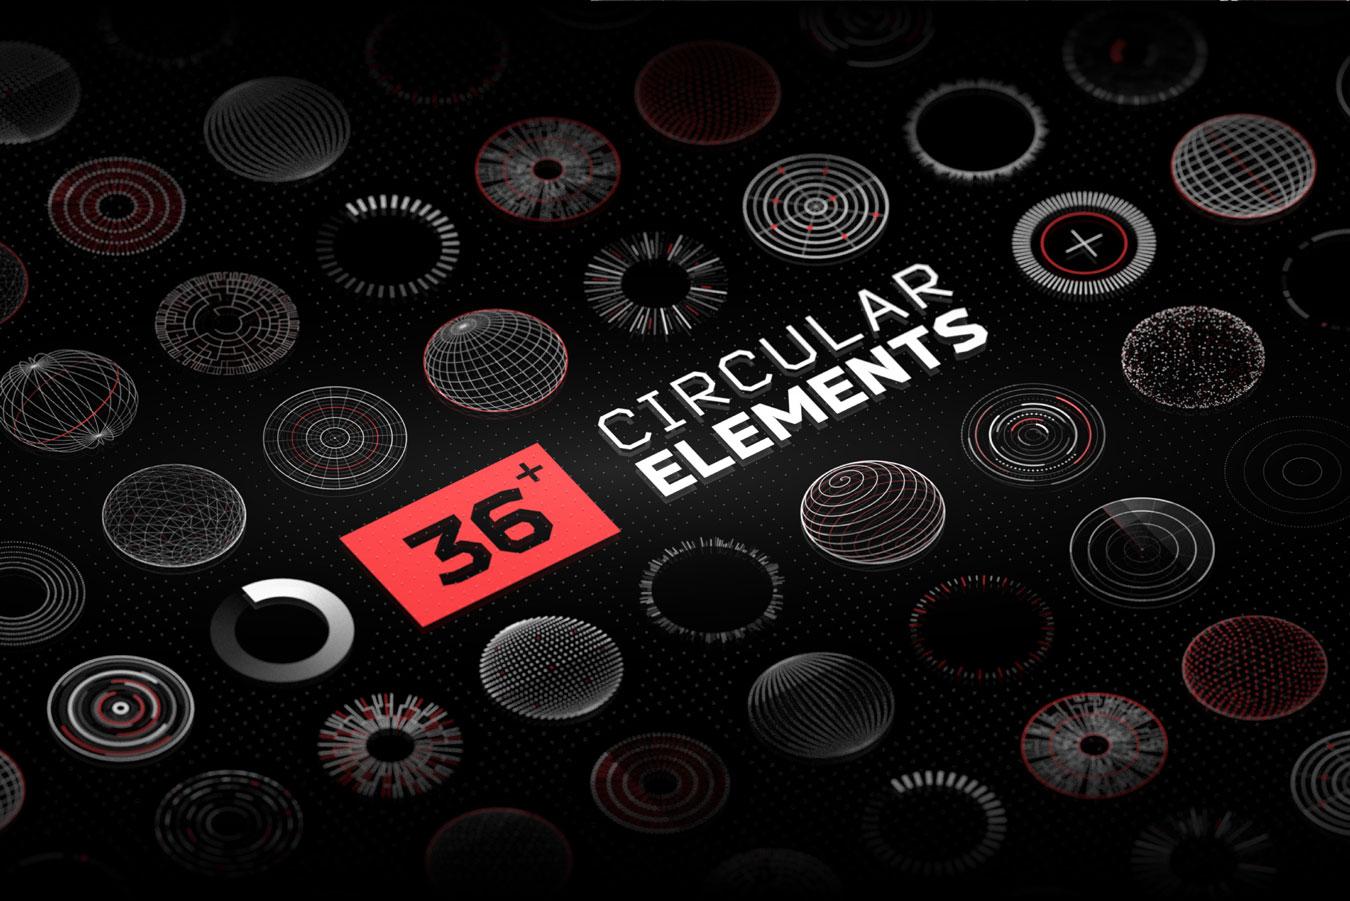 超炫酷科幻航空航天数据信息HUD仪表盘UI设计模板套件 Futuristic UI Kit • 200+ Design Elements插图(13)